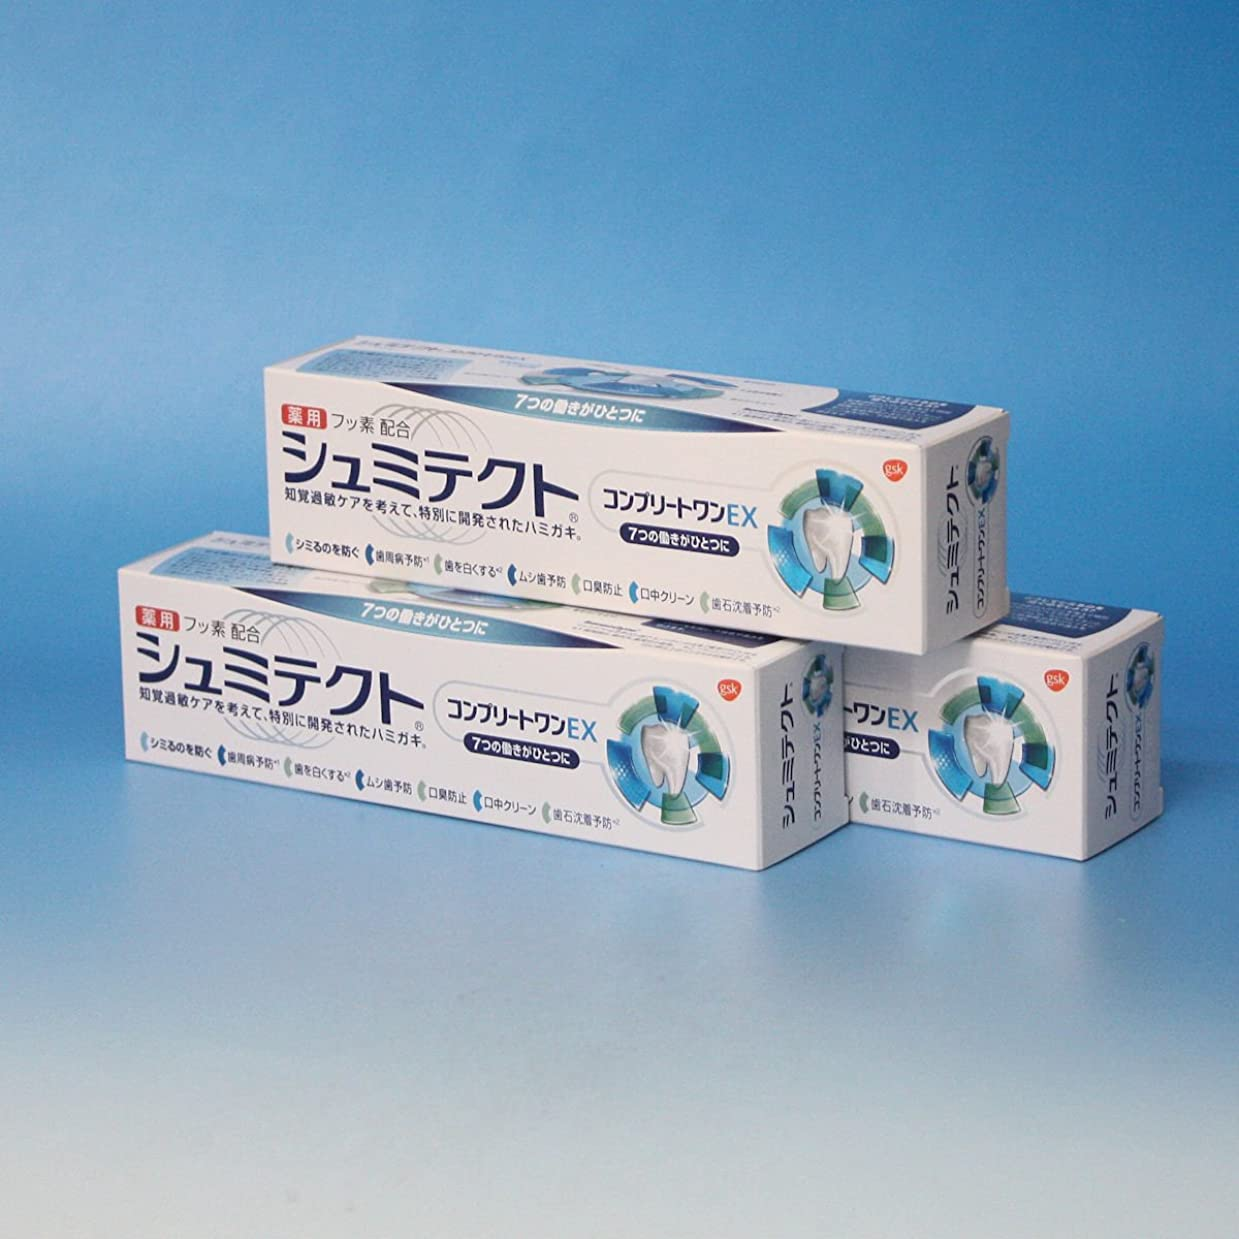 カーフ格納純粋な【アース製薬】シュミテクトコンプリートワンEX 90g ×3個セット